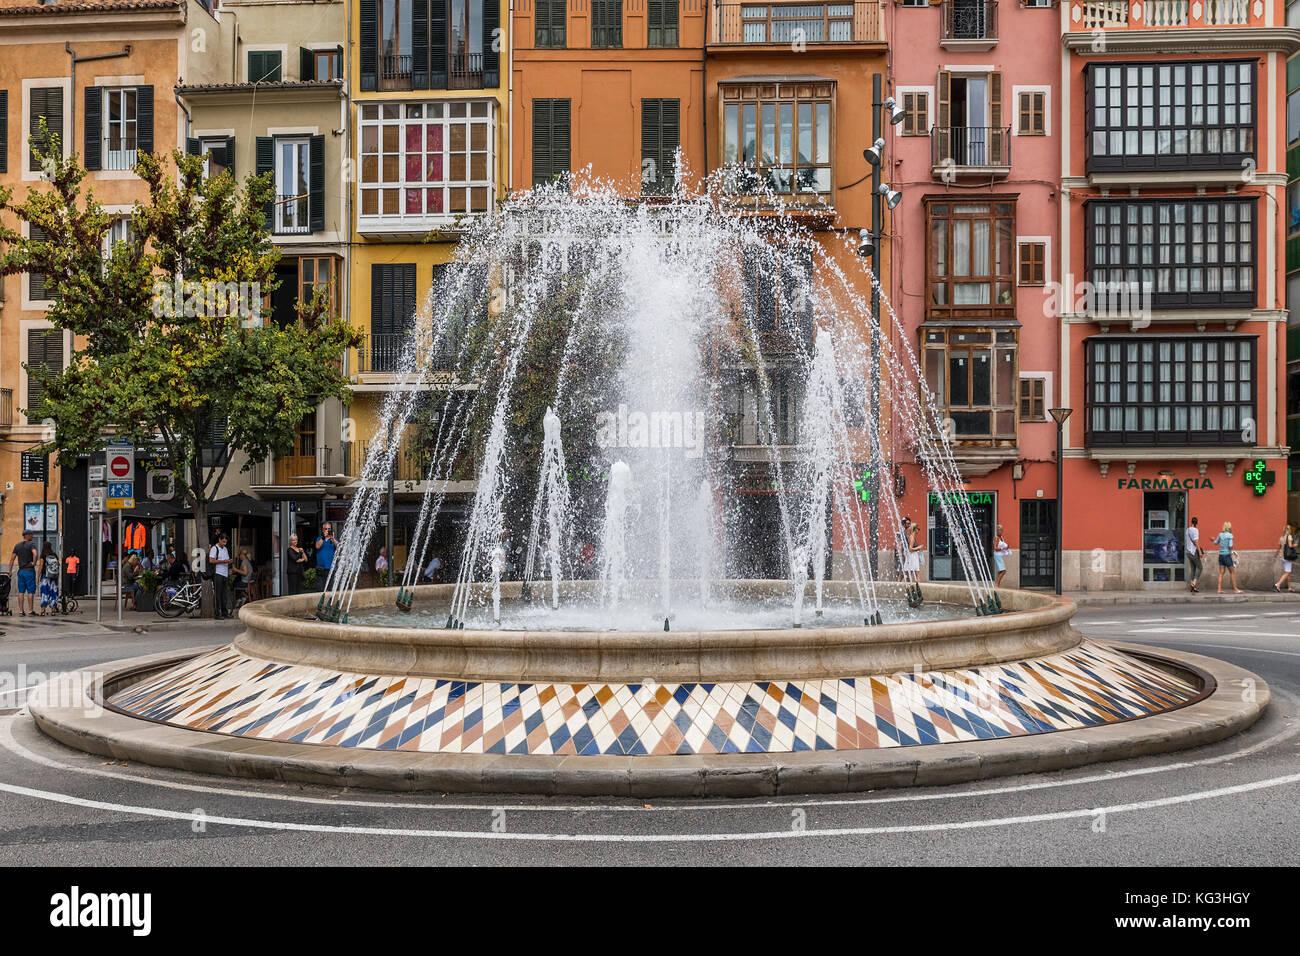 Fountain At The Plaza De La Reina Palma De Mallorca Majorca Stock